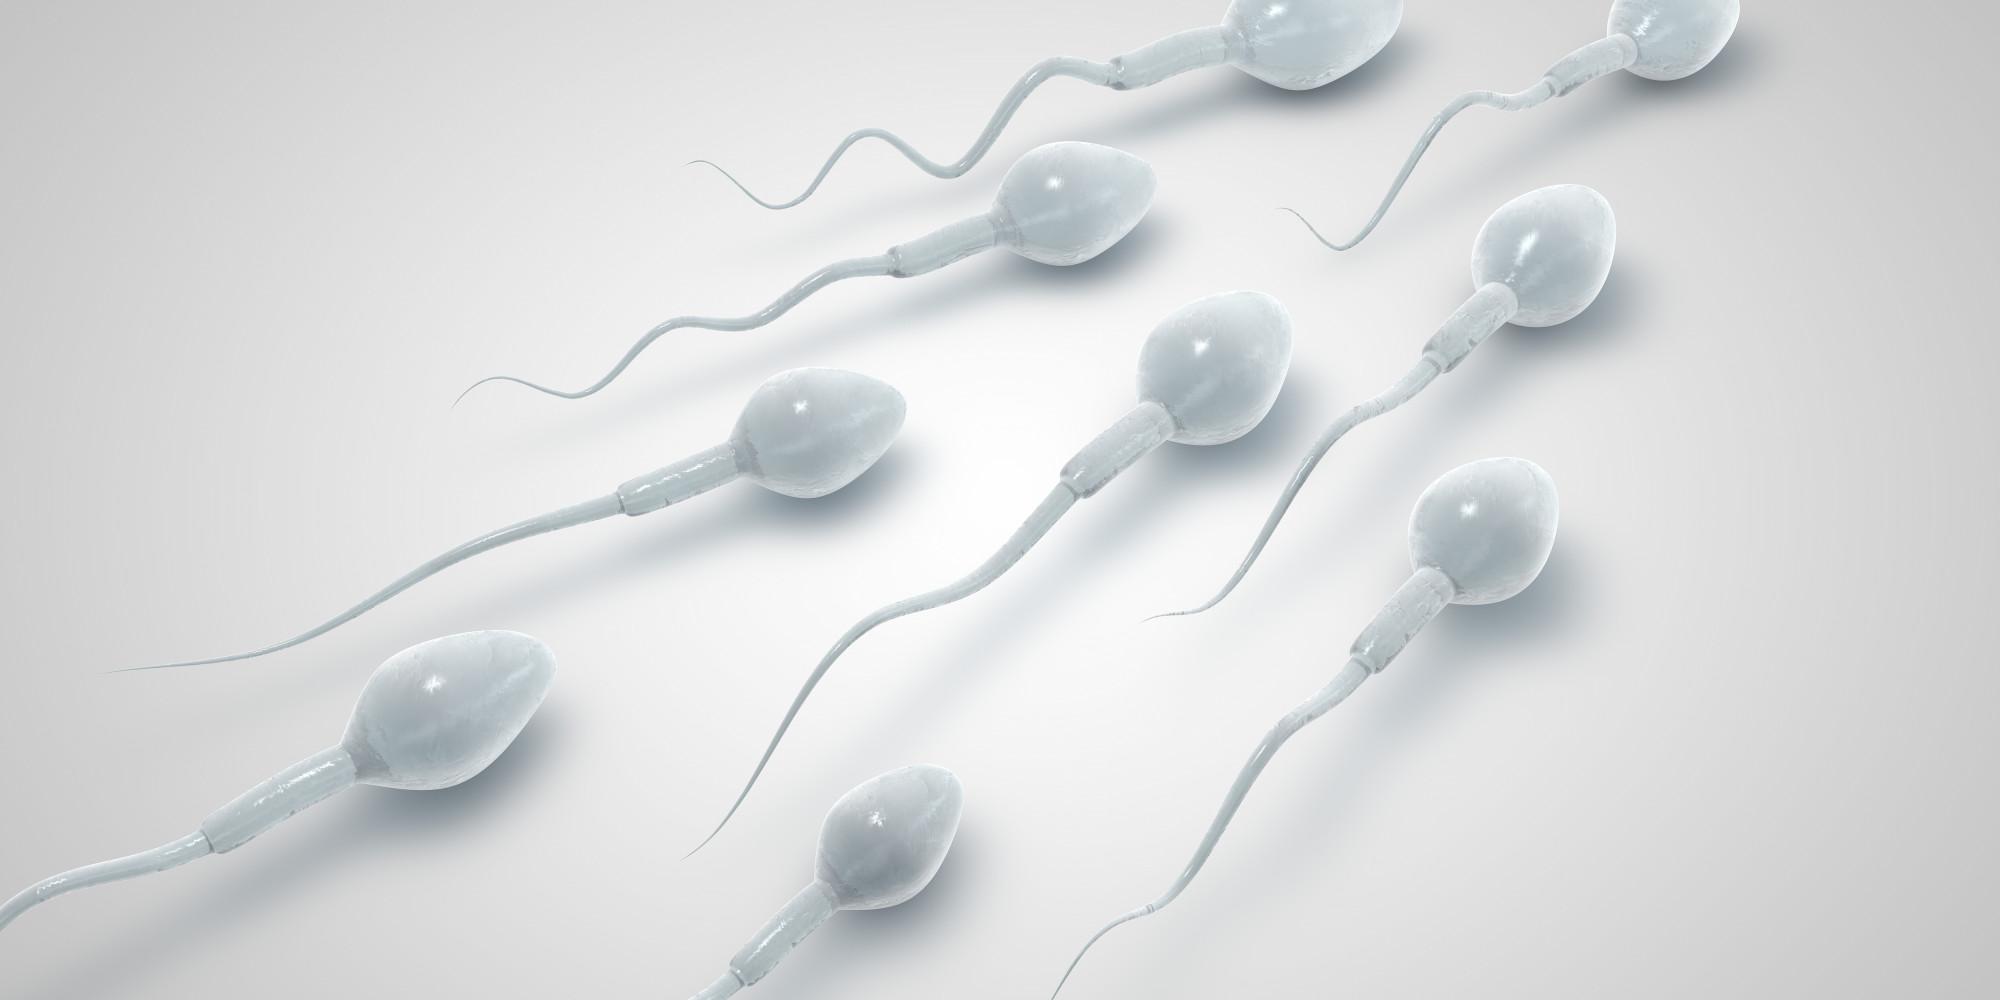 Sc sperm bank casually come